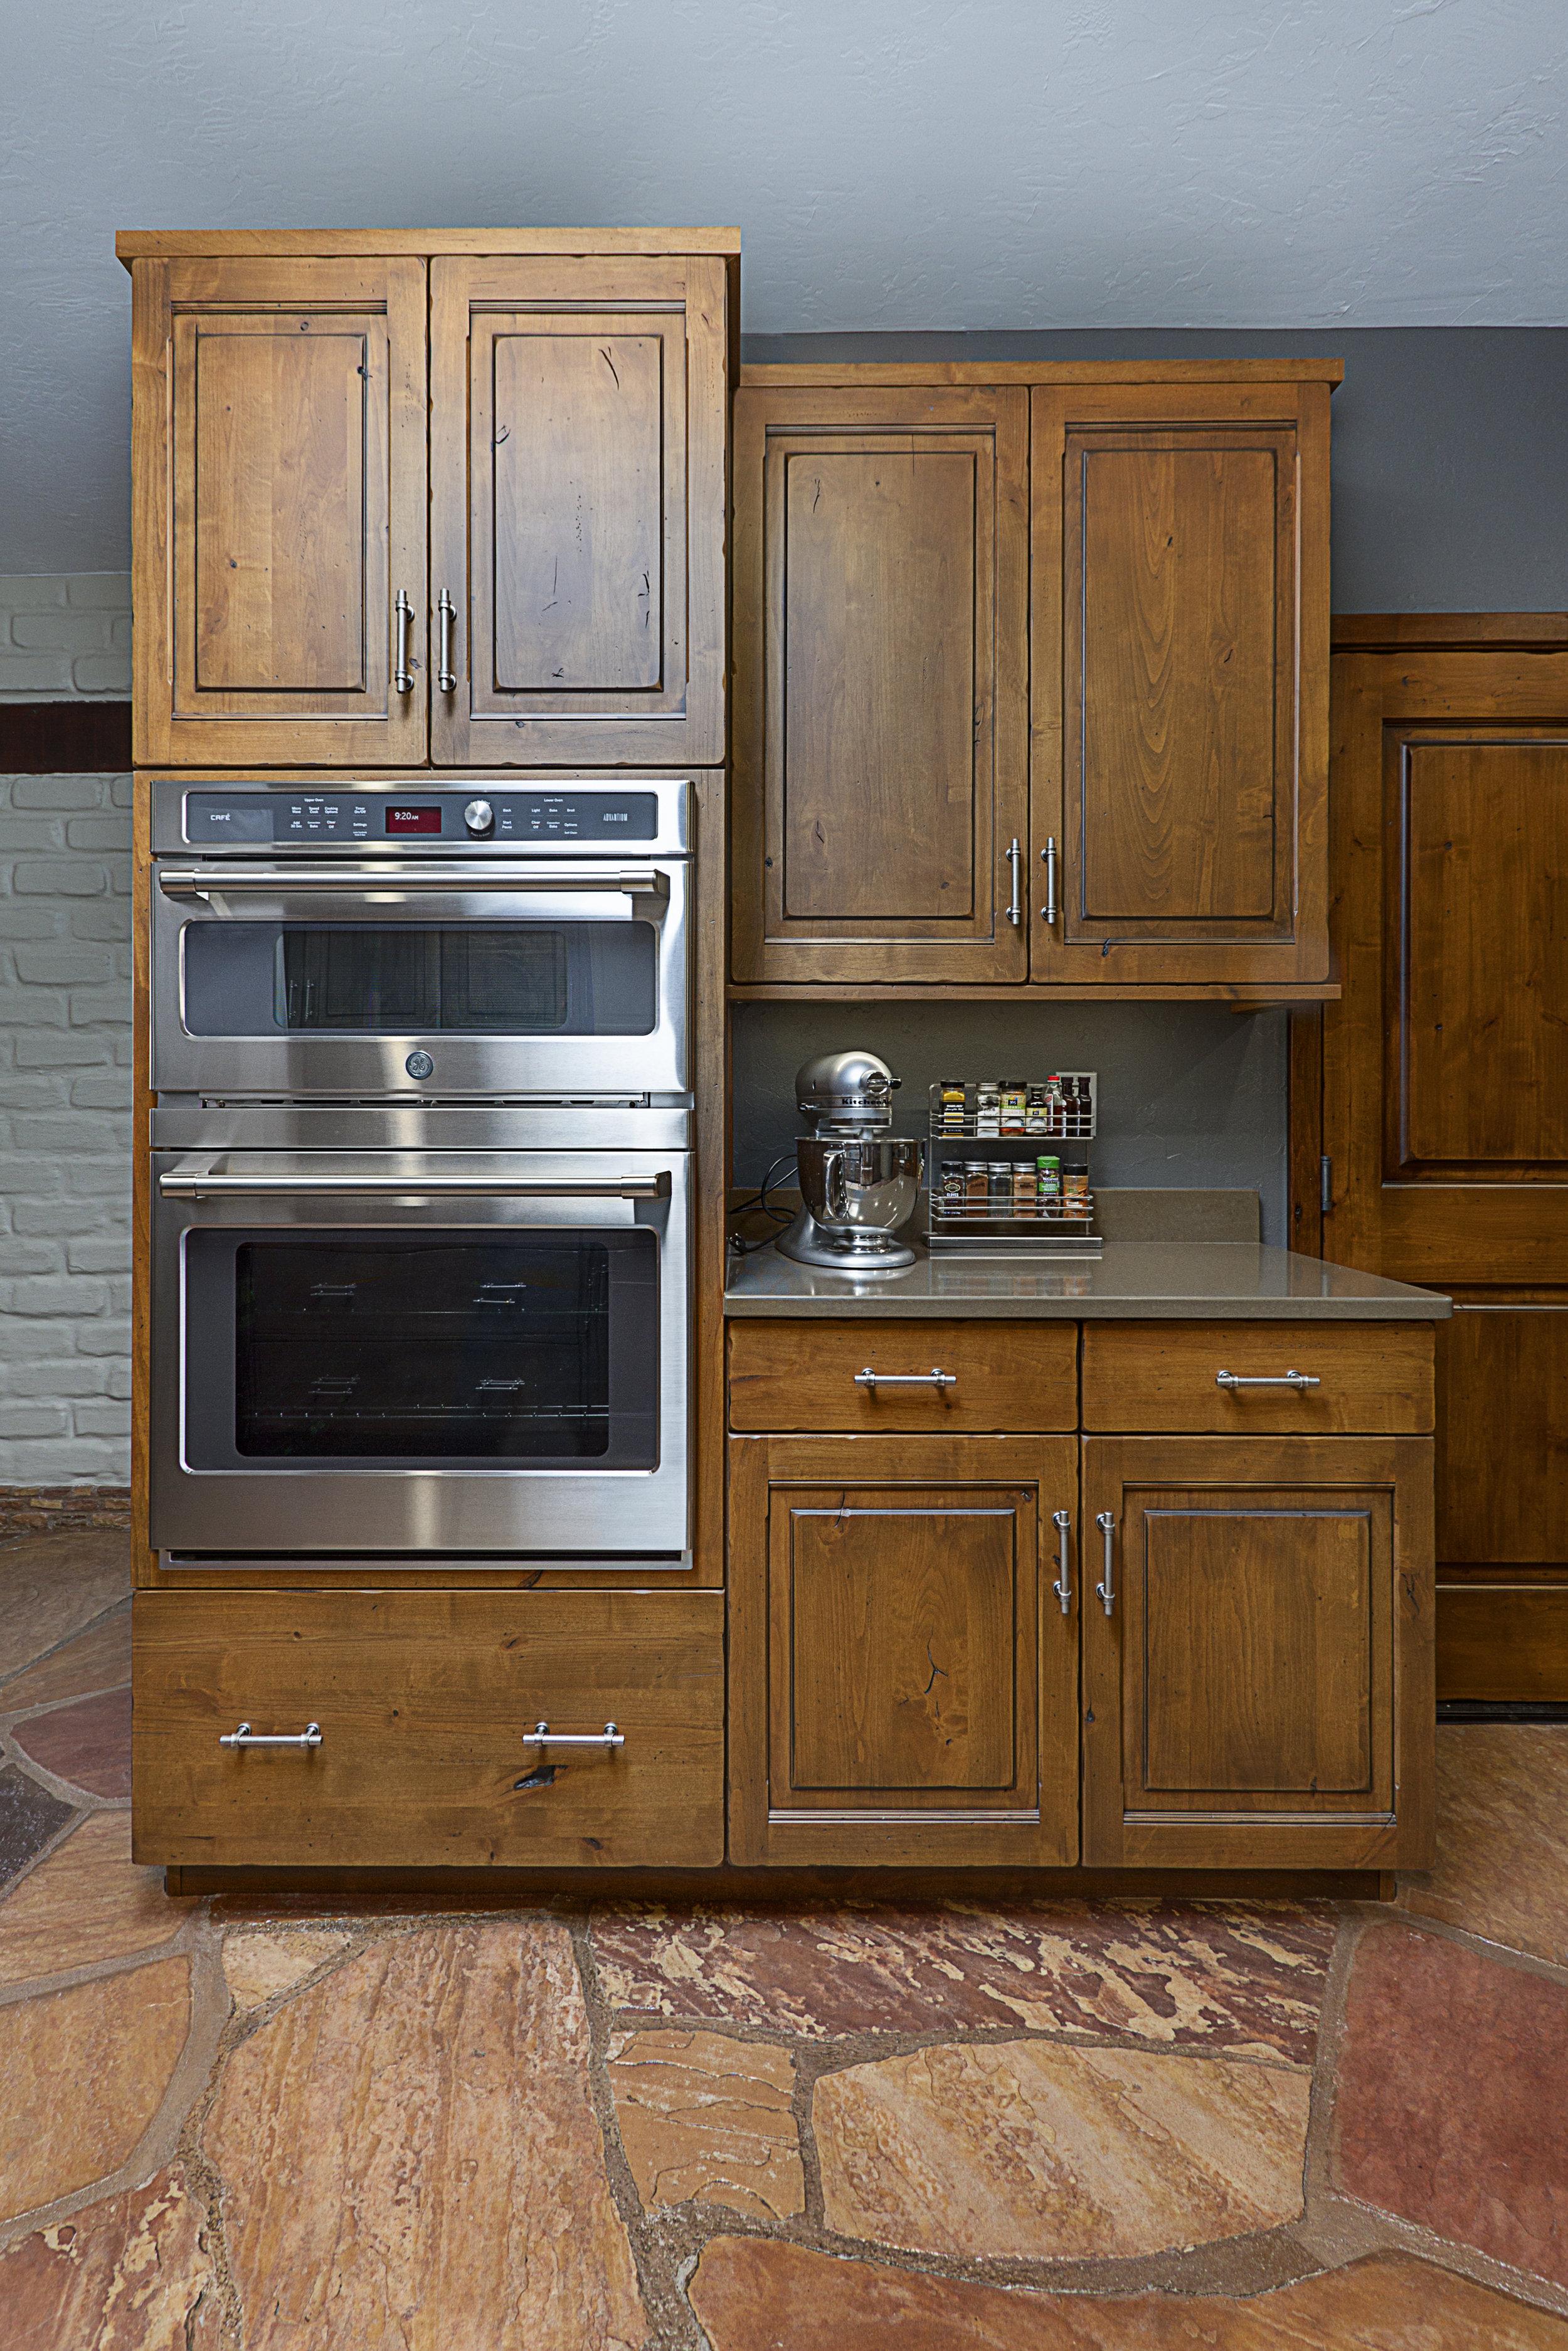 Cline_Kitchen 8.jpg